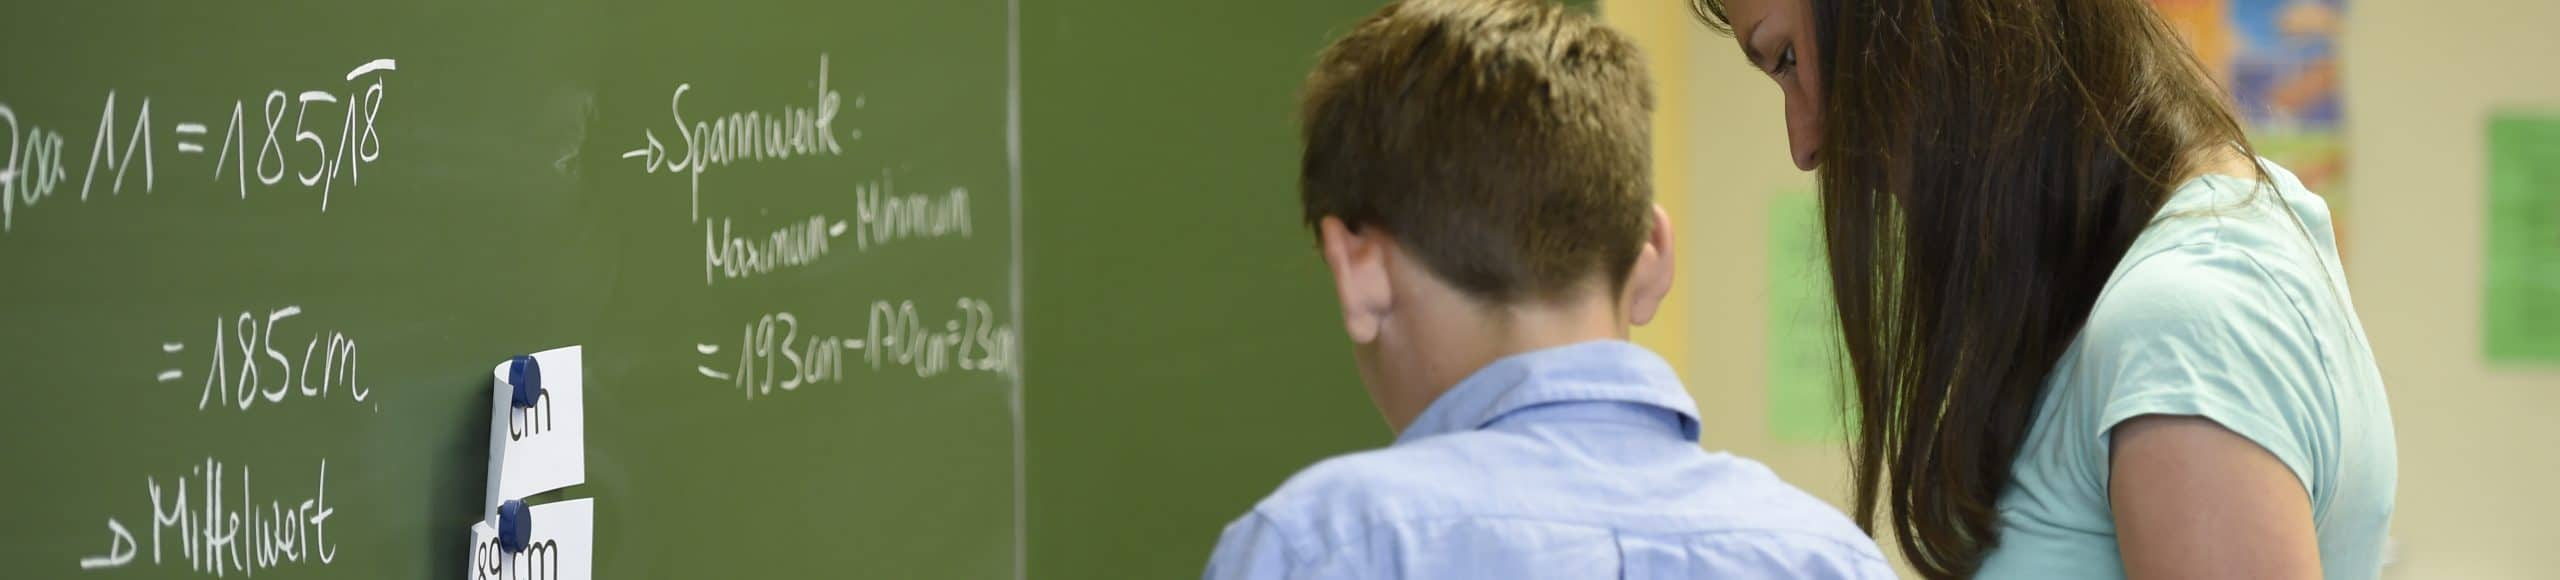 Schule Bildung Tafel Lehrer Unterricht